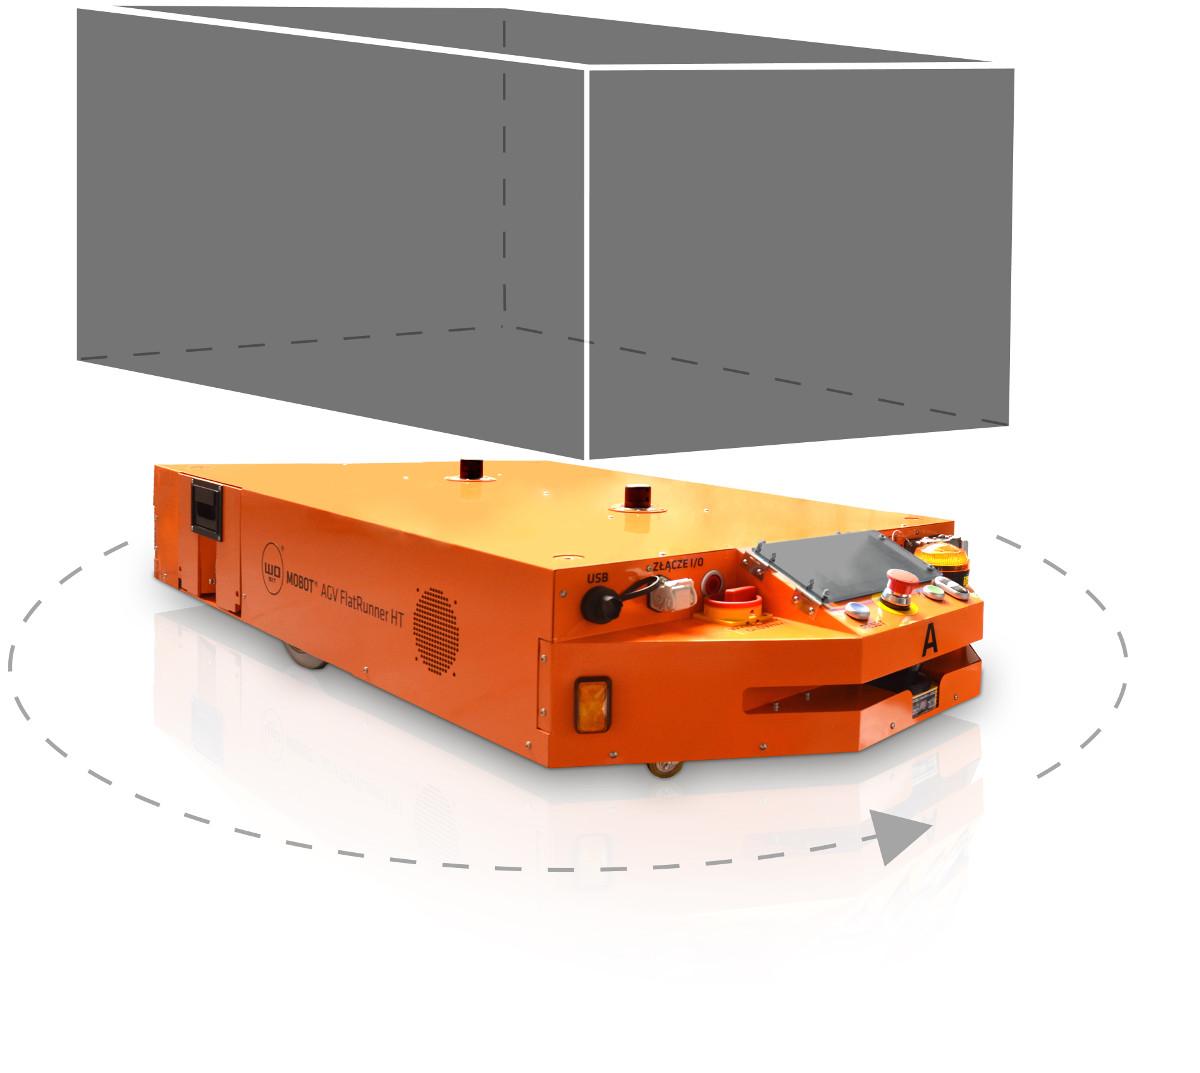 Robot mobilny MOBOT® AGV FlatRunner HT 002